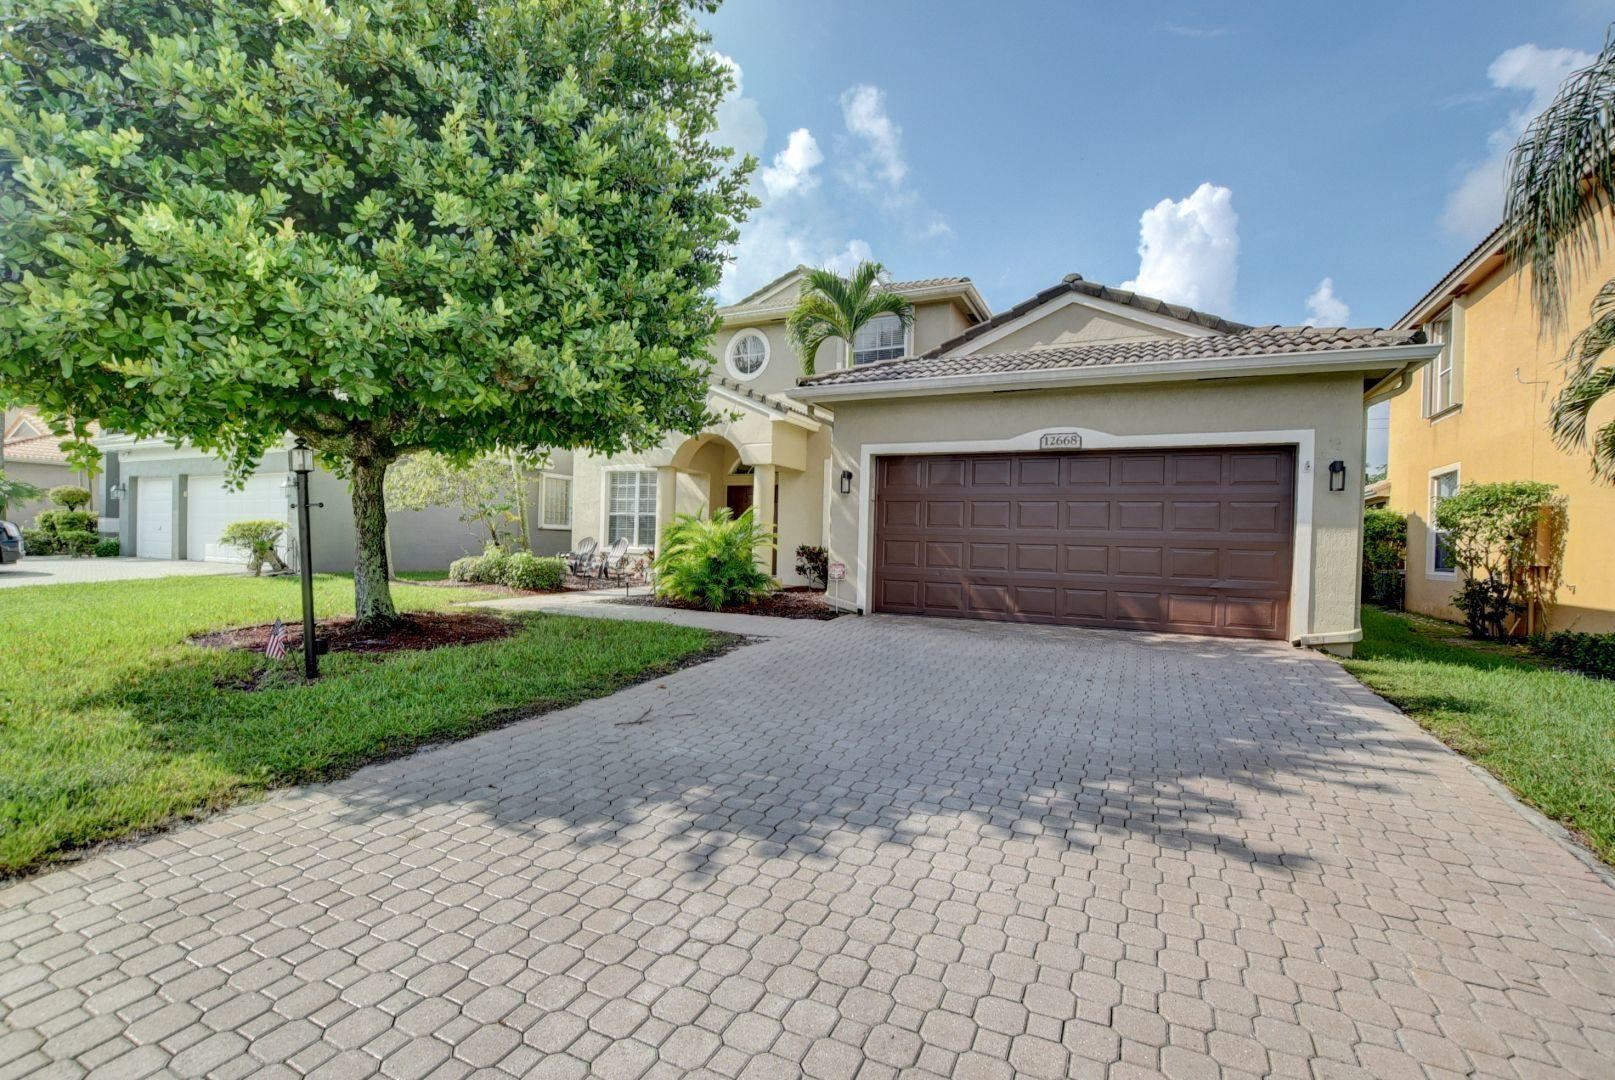 12668 Little Palm Lane, Boca Raton, FL 33428 - #: RX-10644491